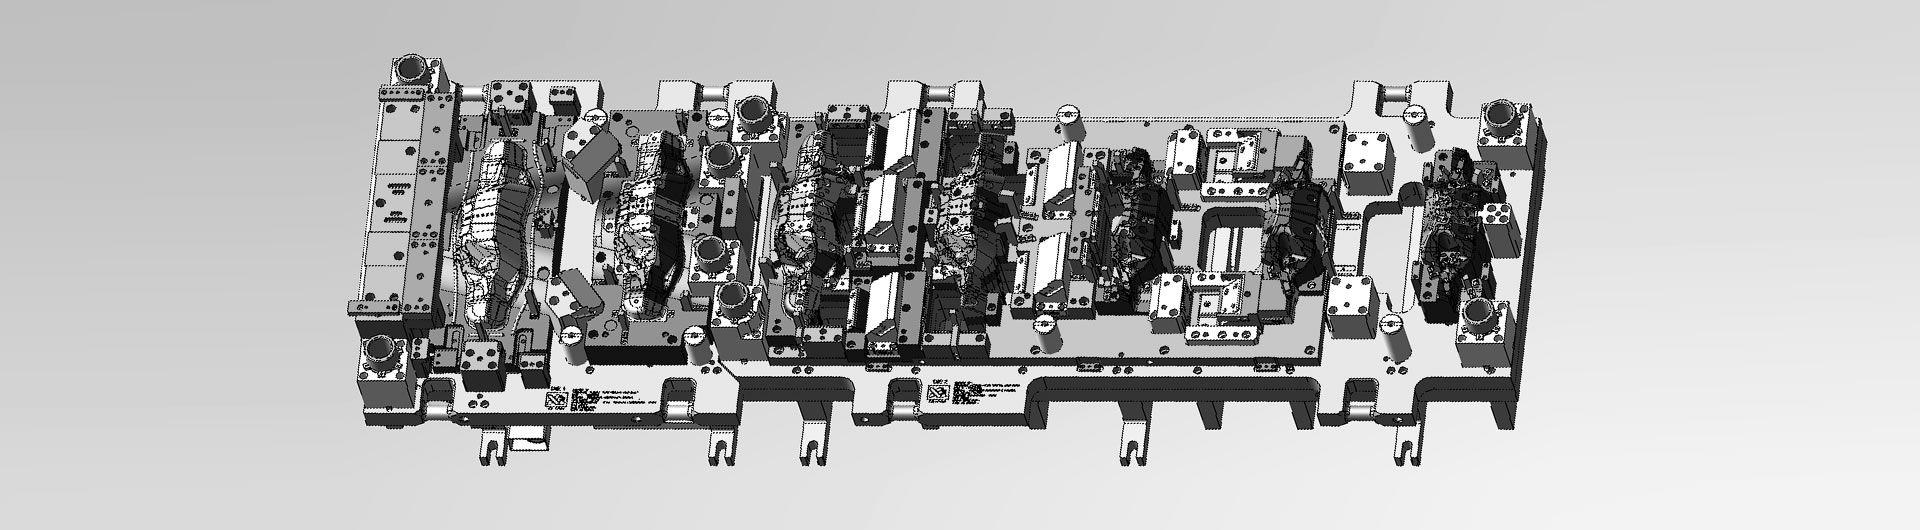 computer 3-D component